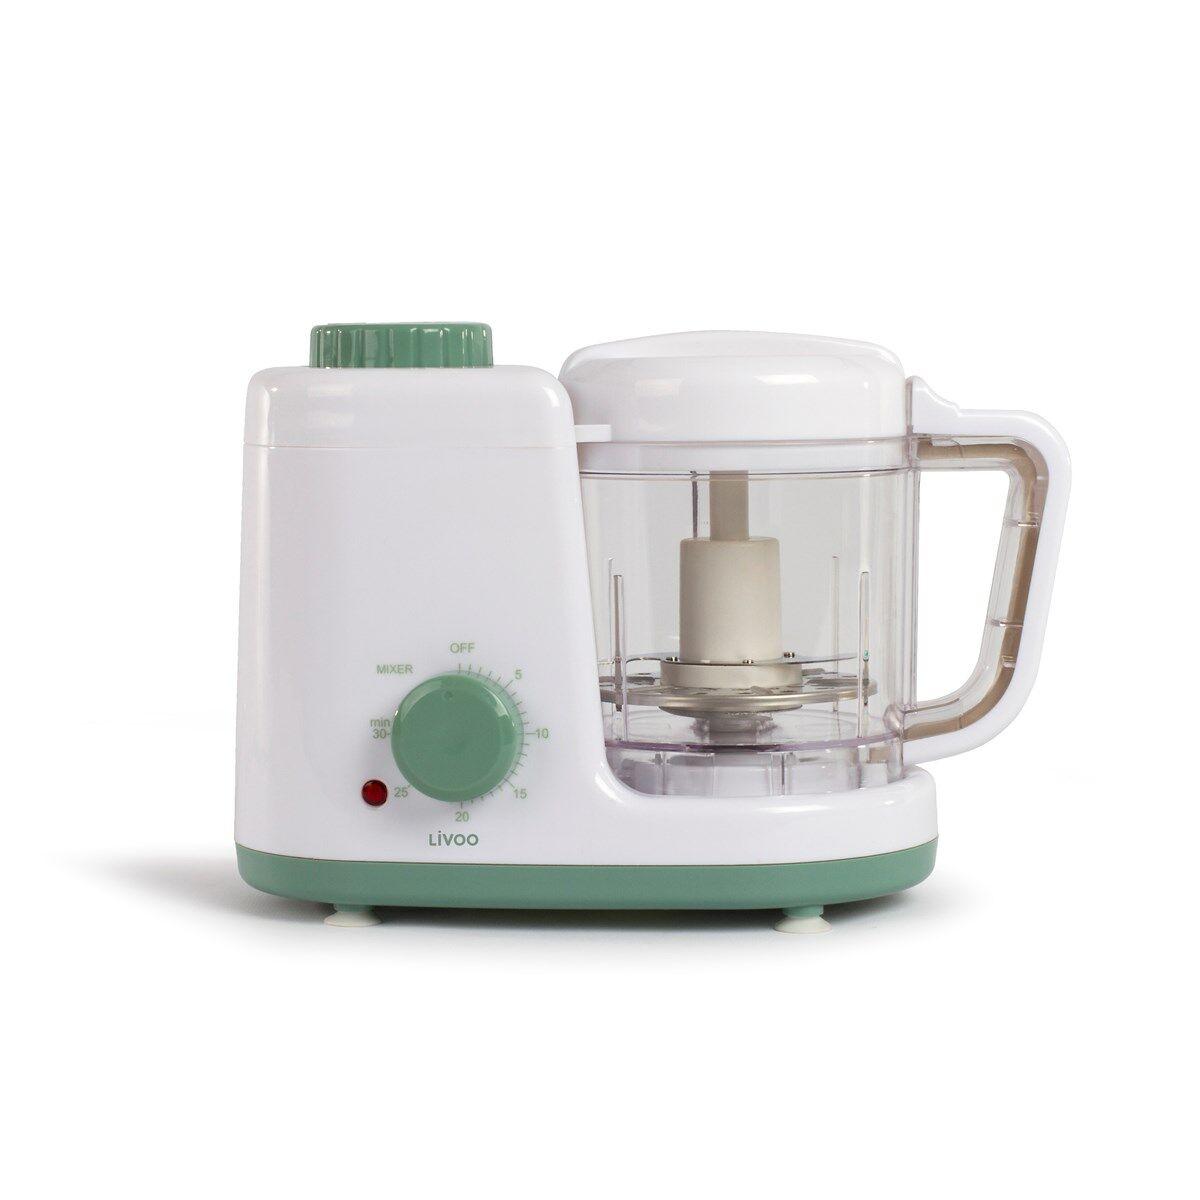 Livoo Robot mixeur cuiseur bebe 4 en 1 en Acier inoxydable Blanc